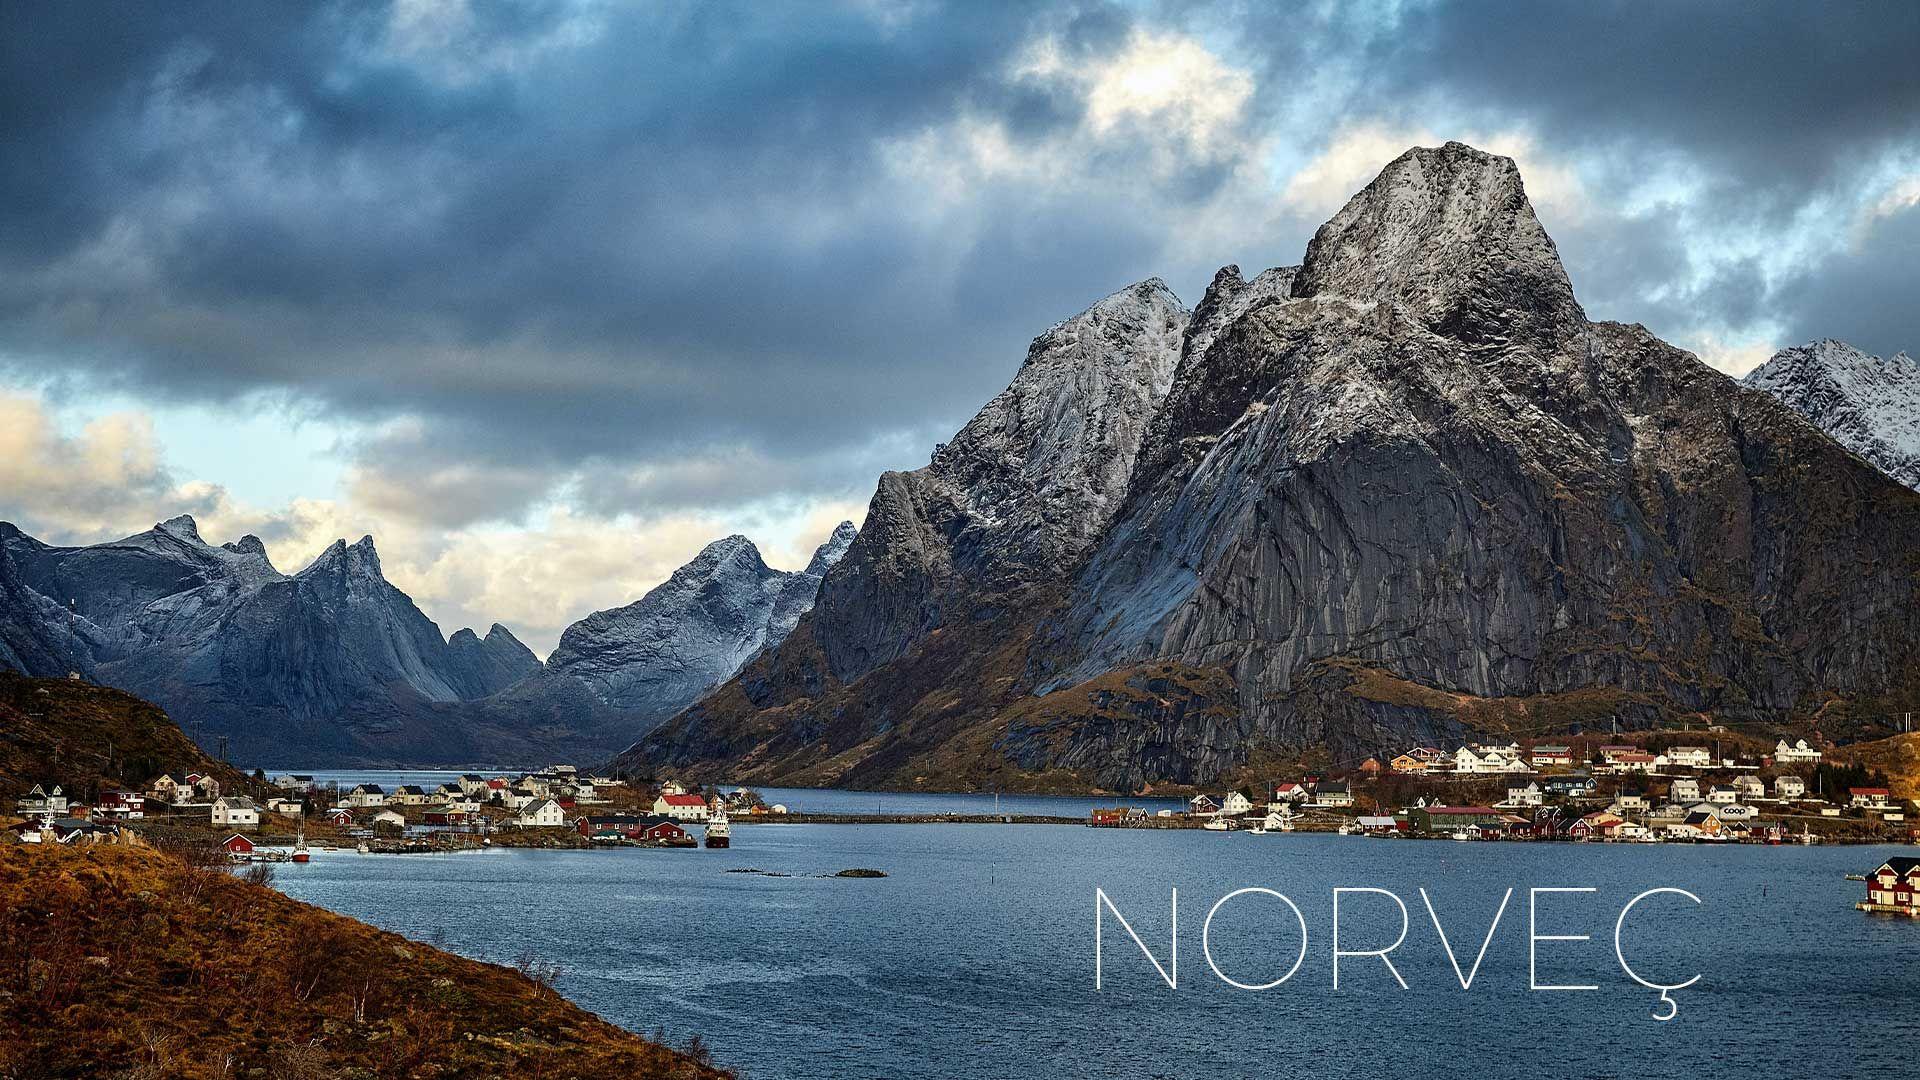 Norveç ve Eşsiz Doğası